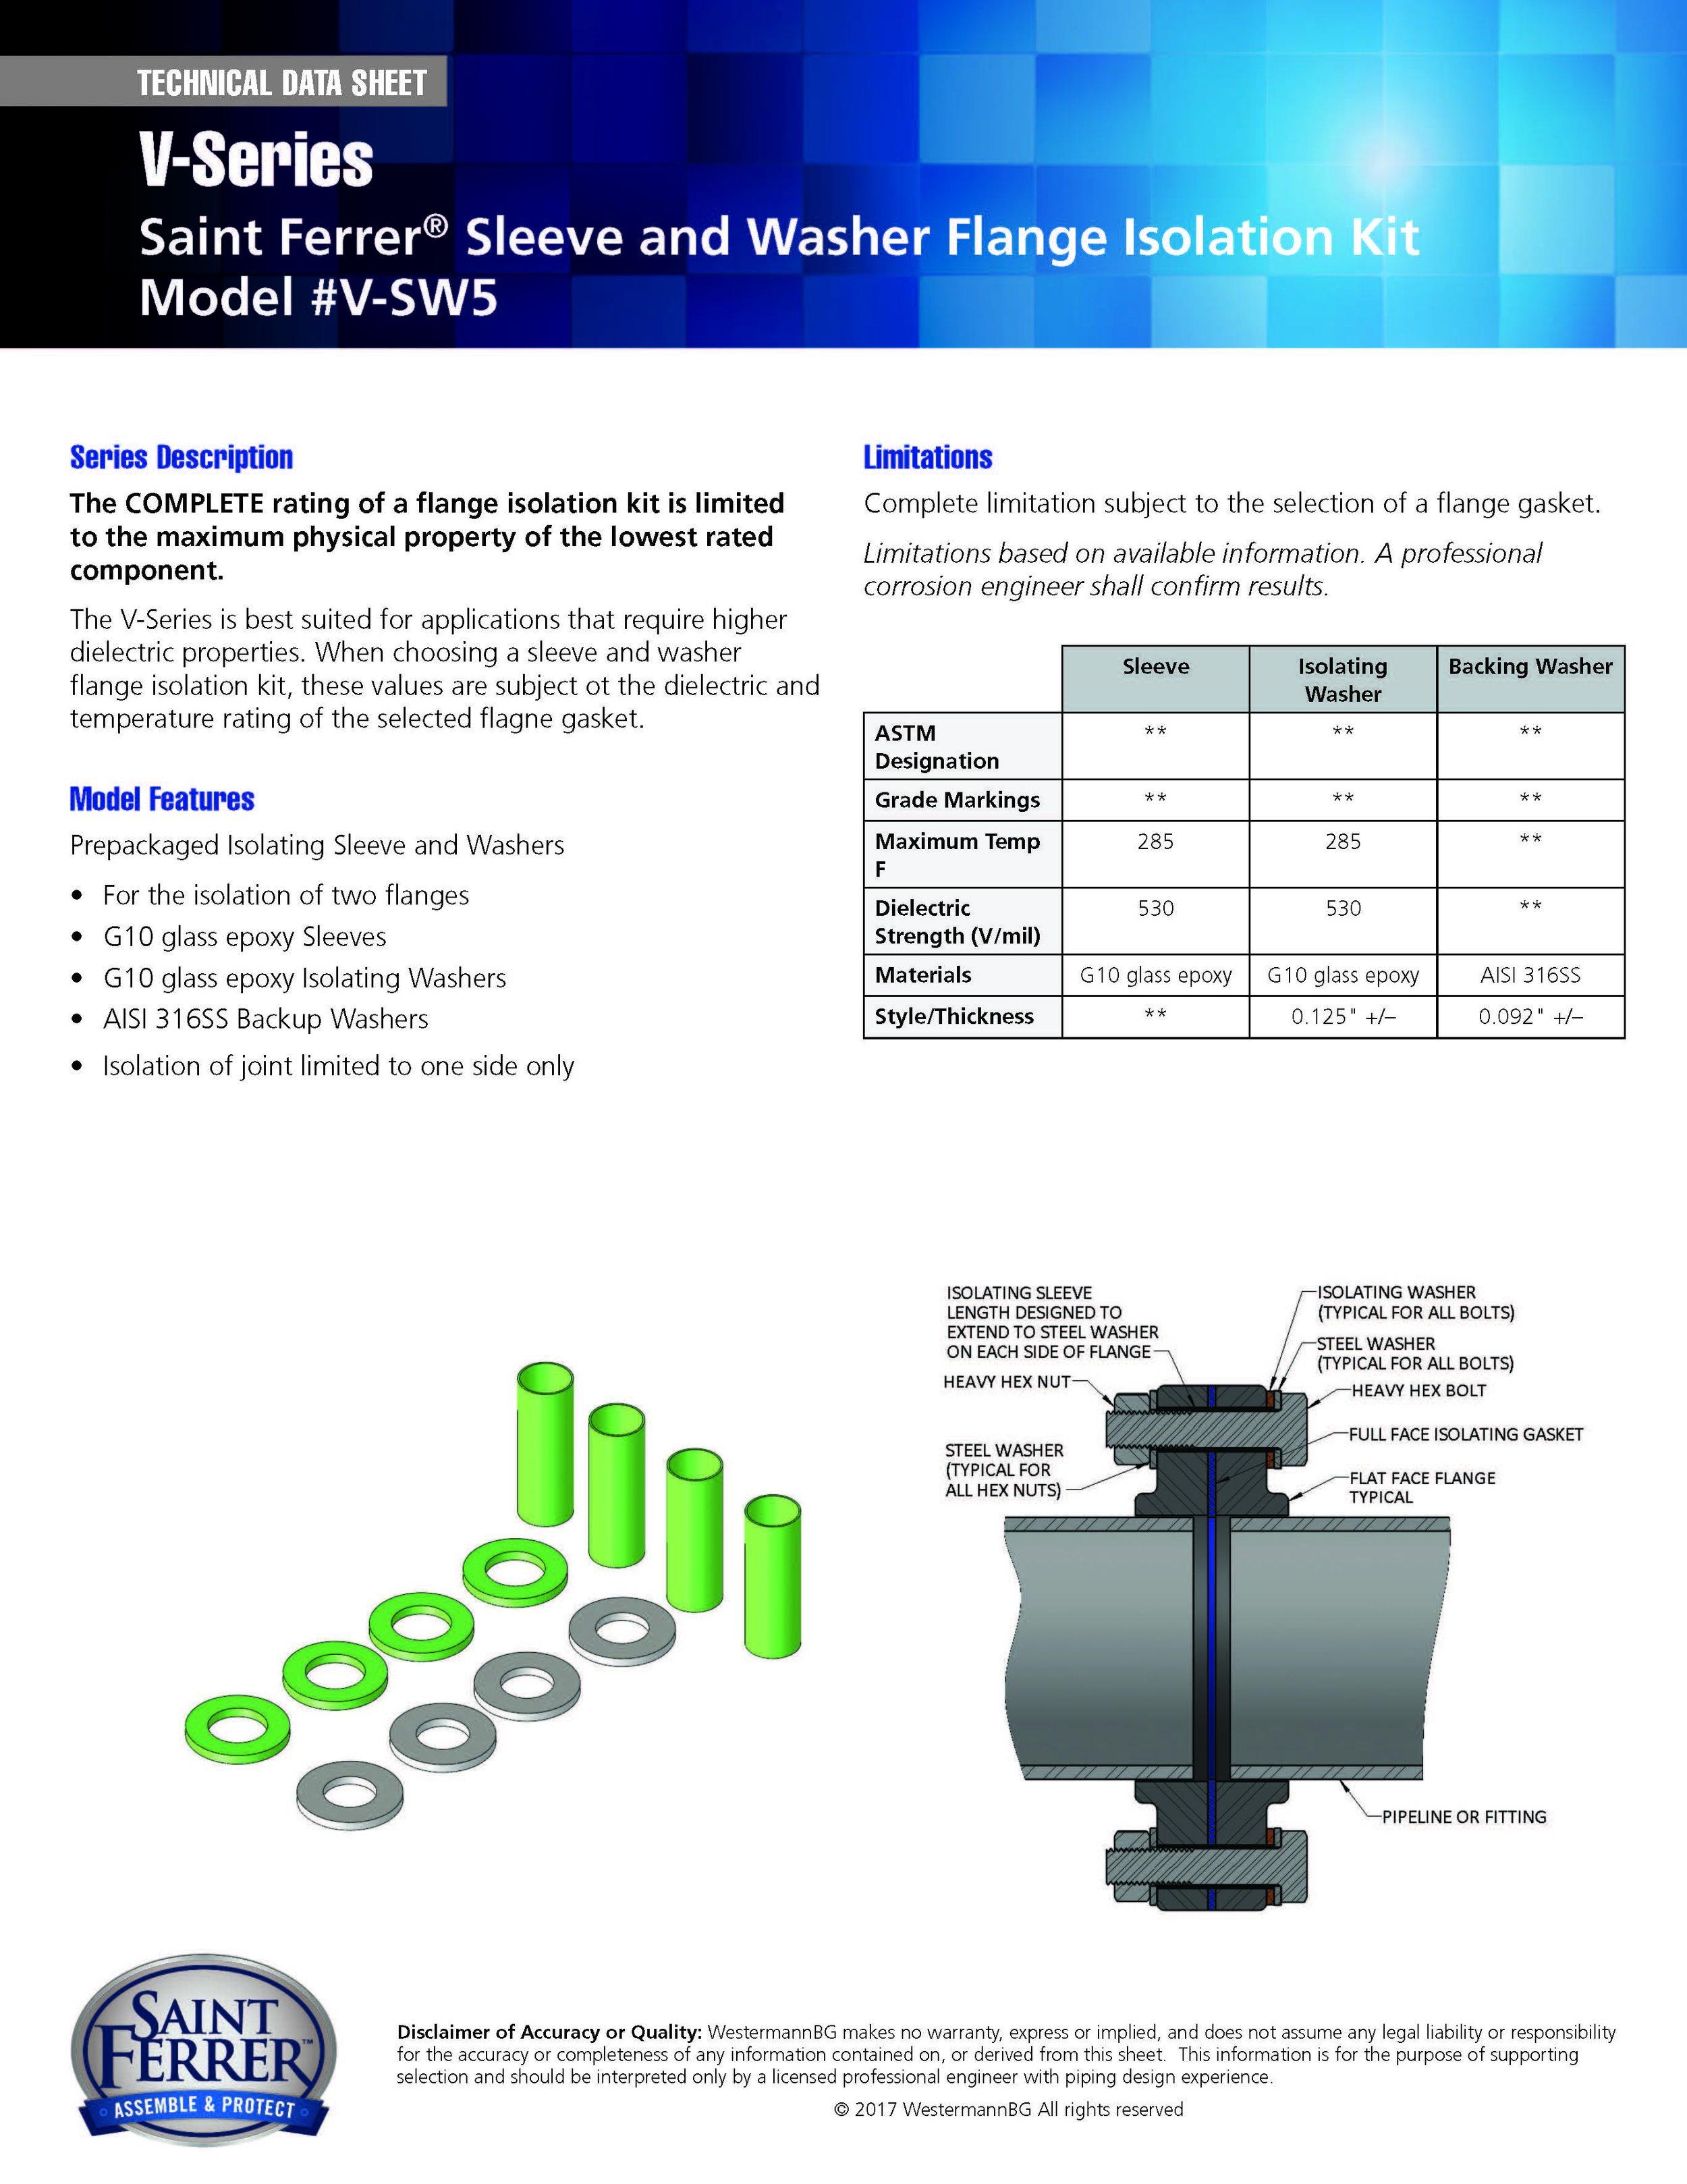 SF_Data_Sheet_V_Series_V-SW5.jpg